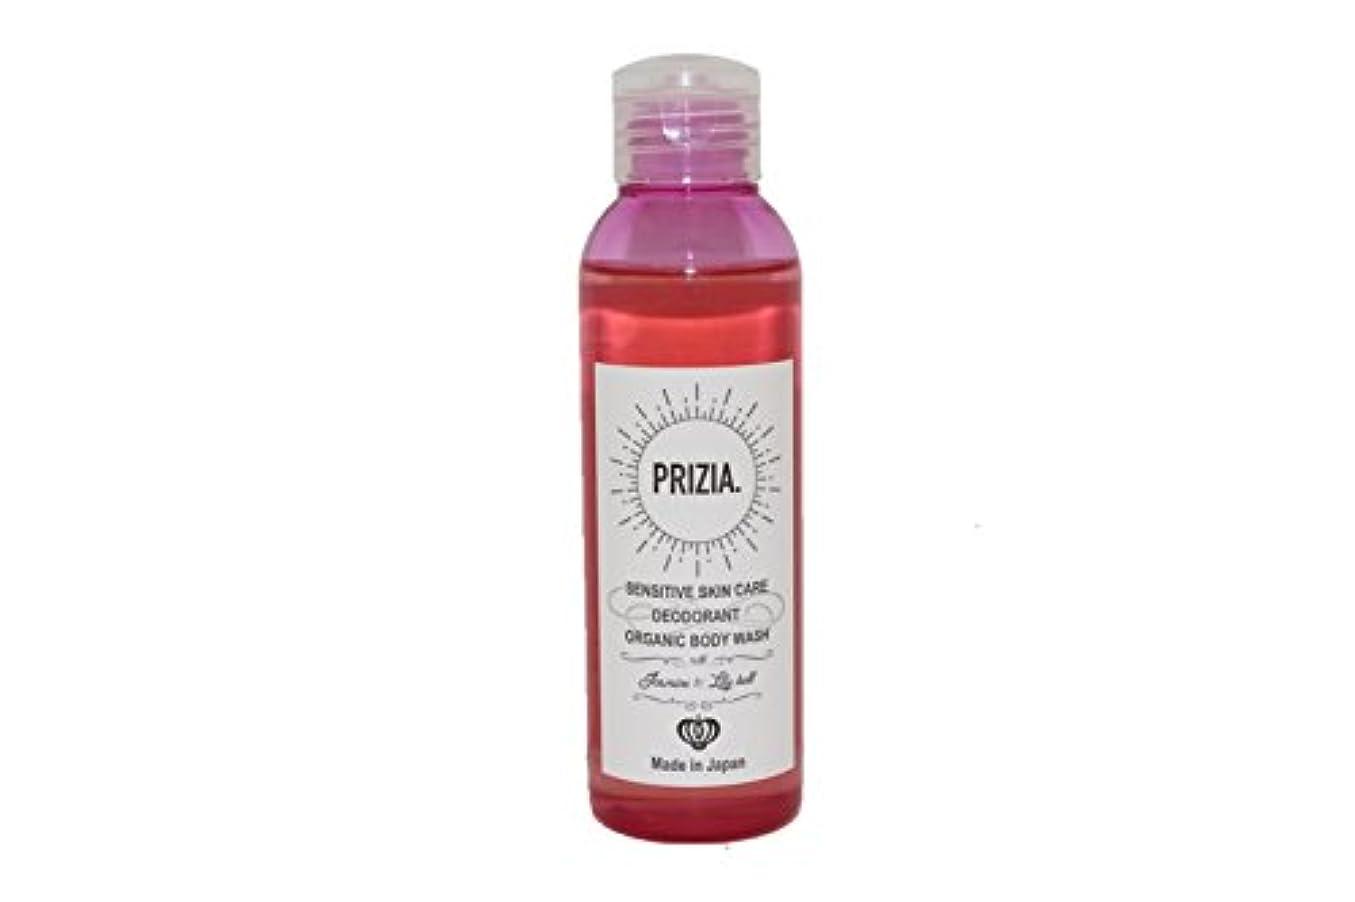 信頼性名門勤勉PRIZIA(プリジア)デリケートゾーン専用ソープ(ジャスミン&リリーベルの香り)